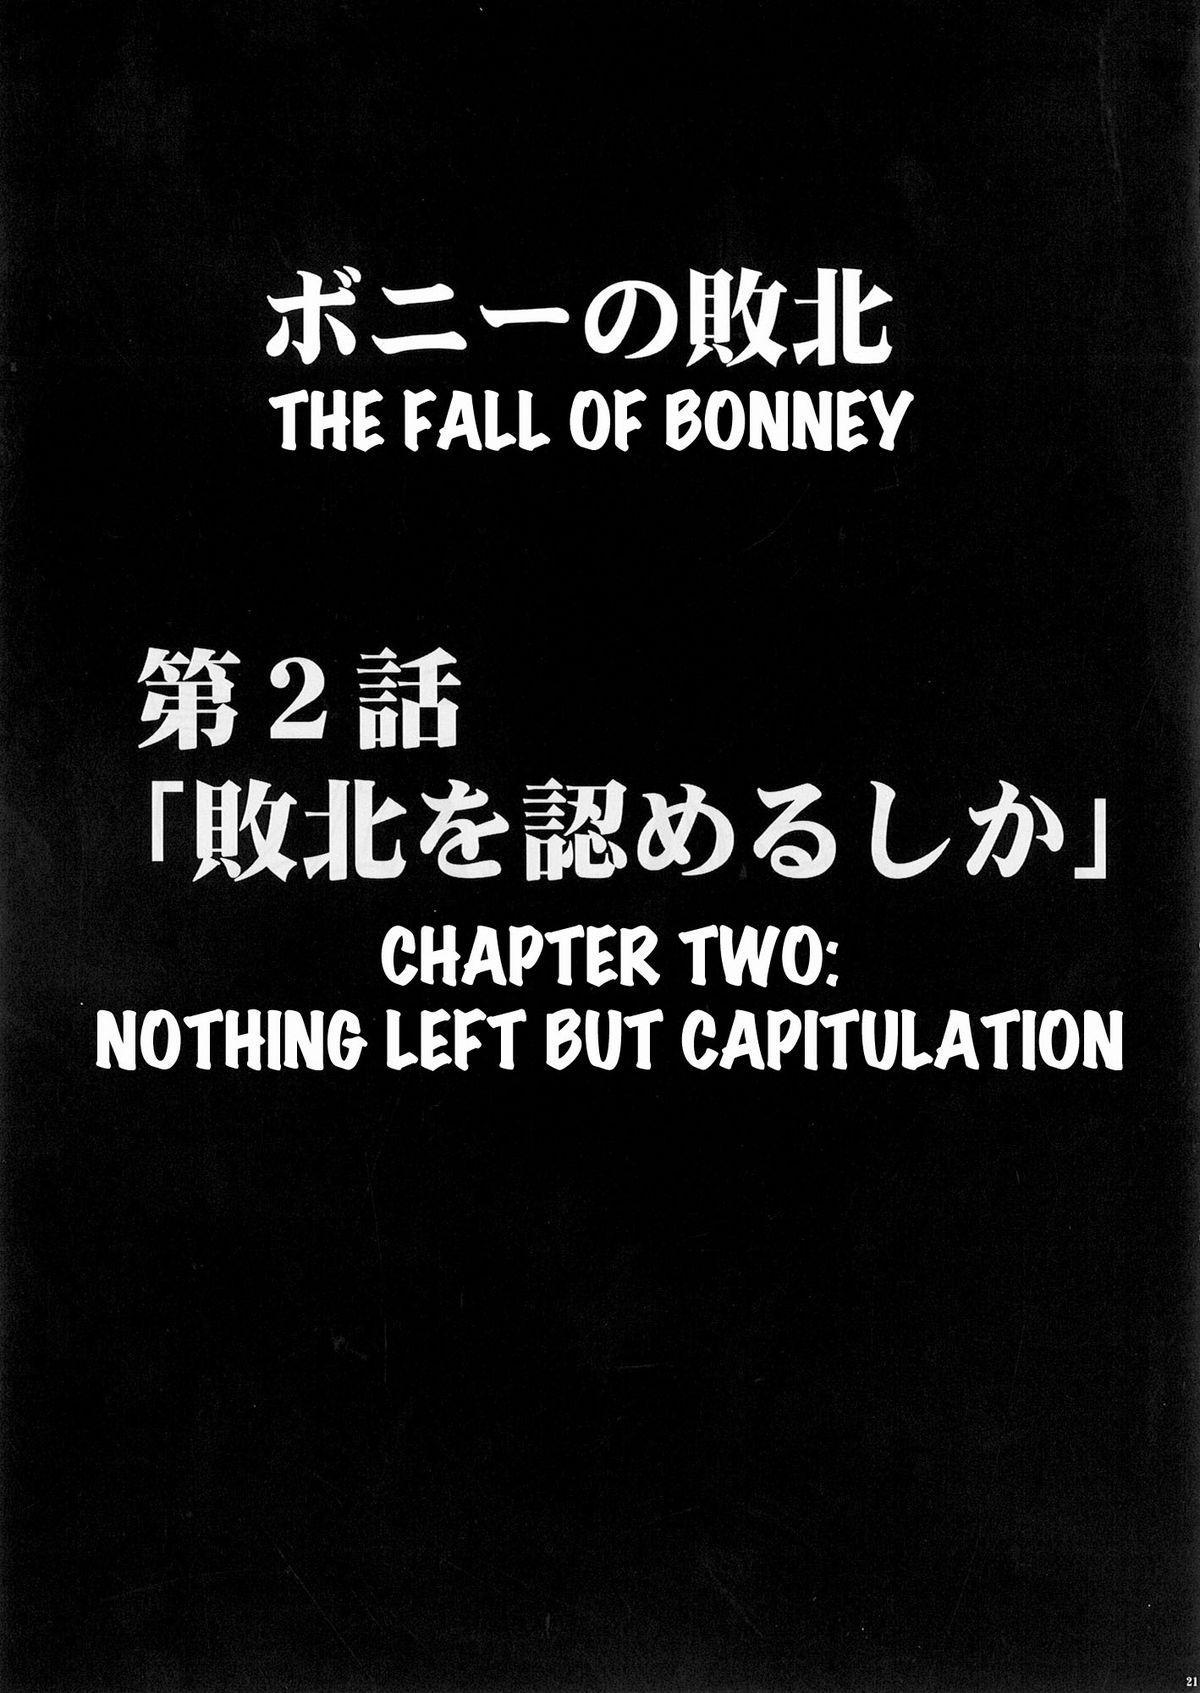 Bonnie no Haiboku   Bonney's Defeat 21